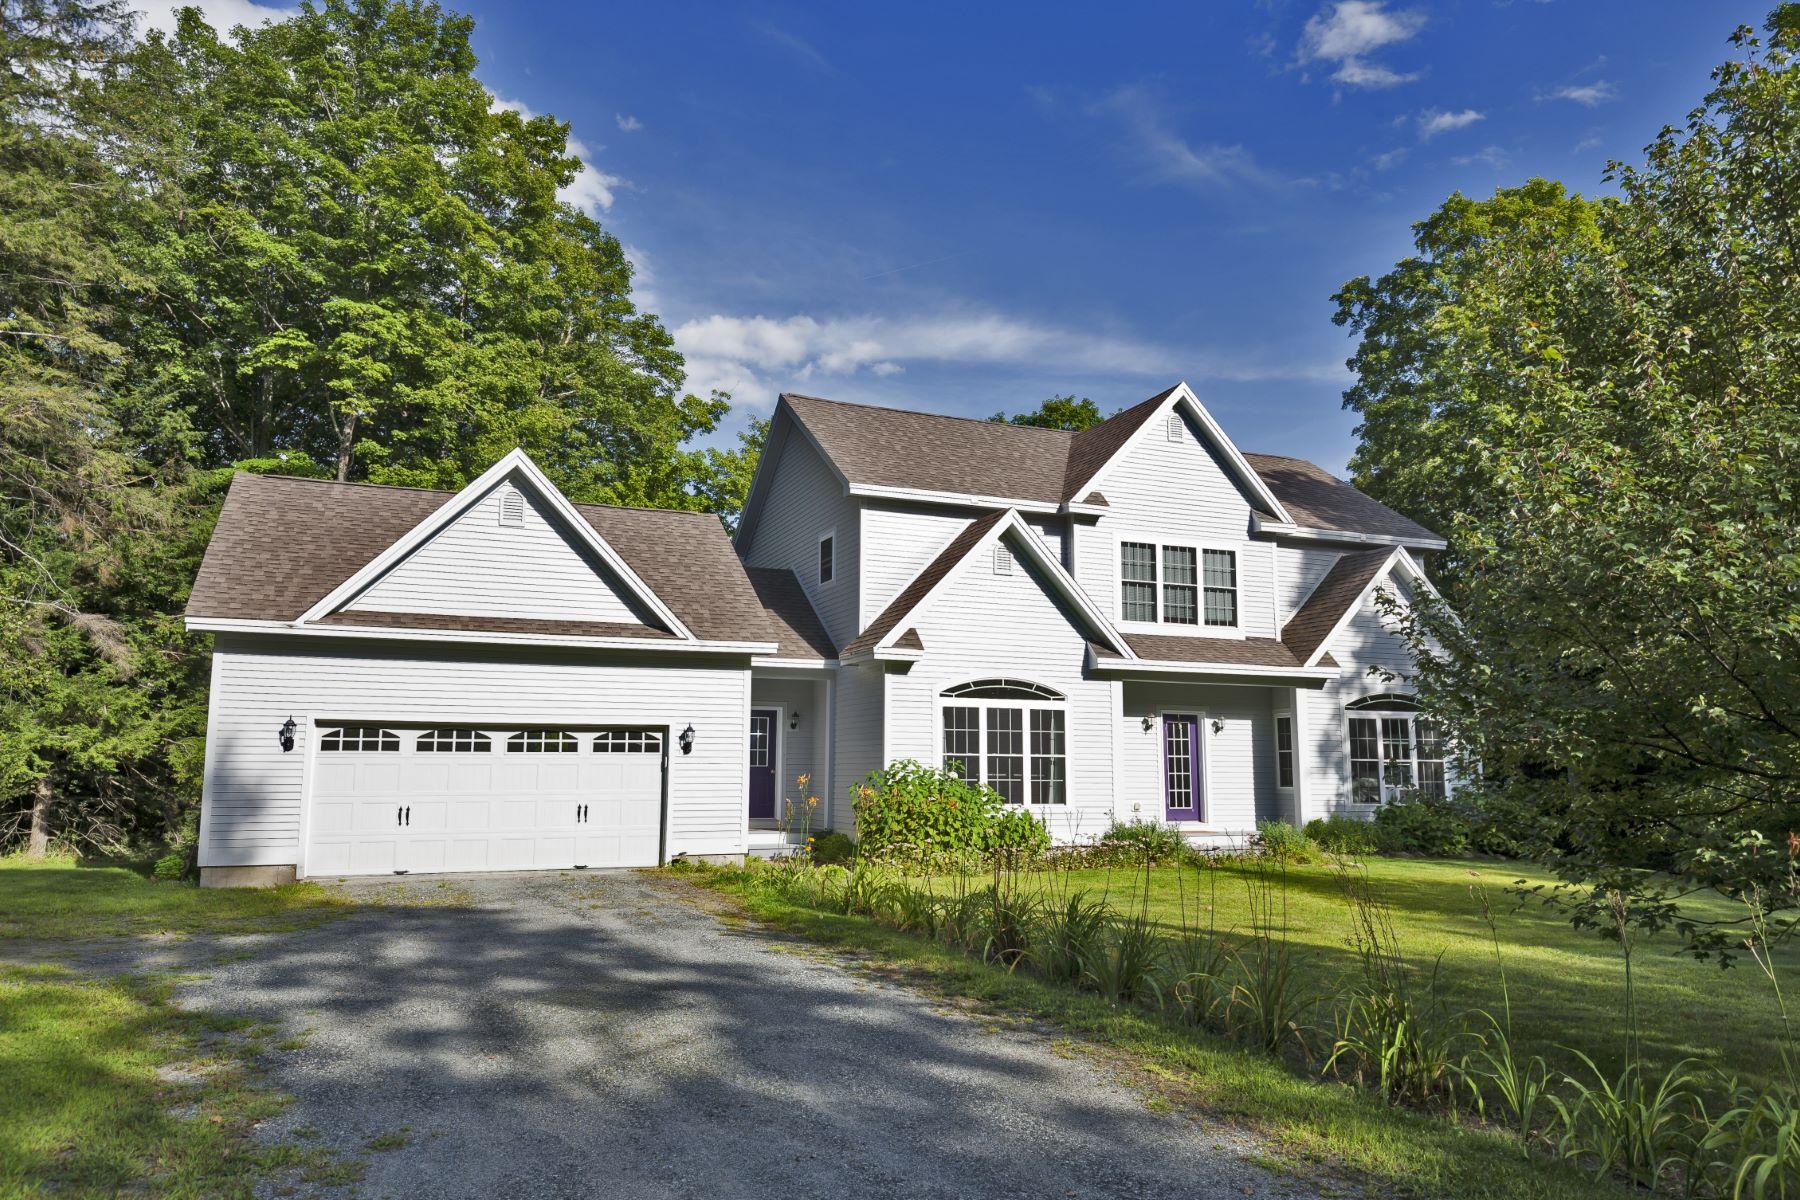 Частный односемейный дом для того Продажа на 88 Davenport Ln, Hartford Hartford, Вермонт, 05059 Соединенные Штаты